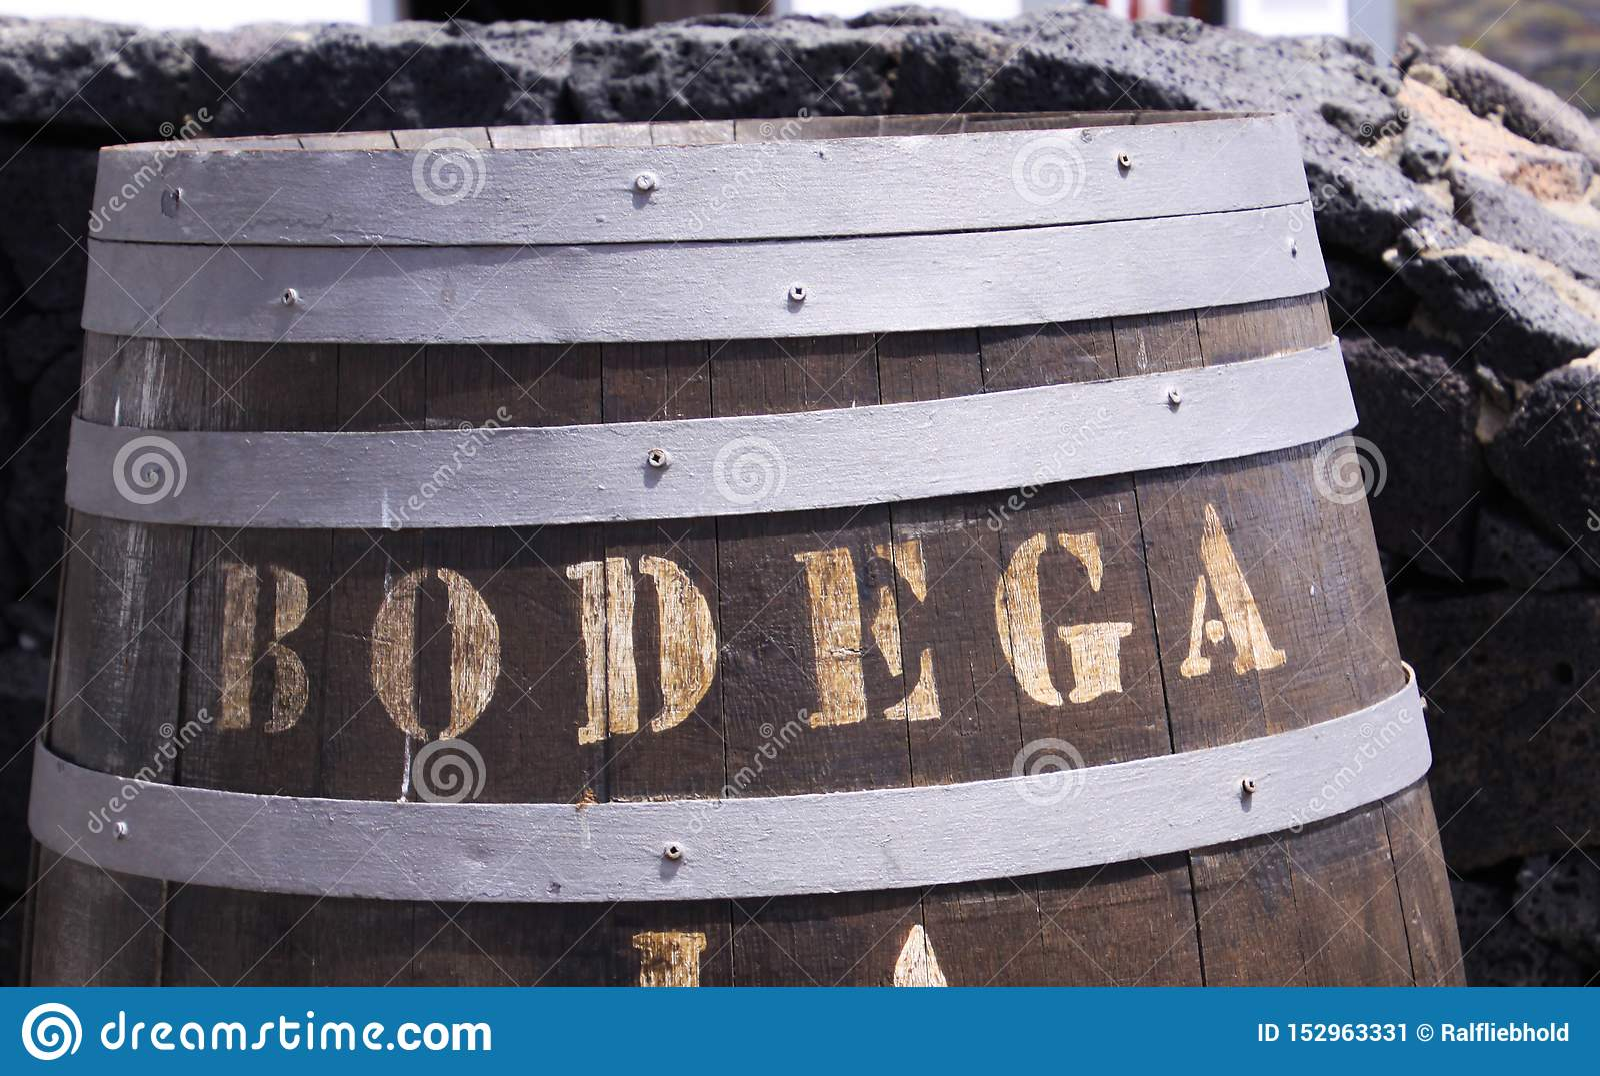 Ciérrese para arriba de barril de vino de madera con el Bodega del texto delante de la pared de piedra natural - Lanzarote